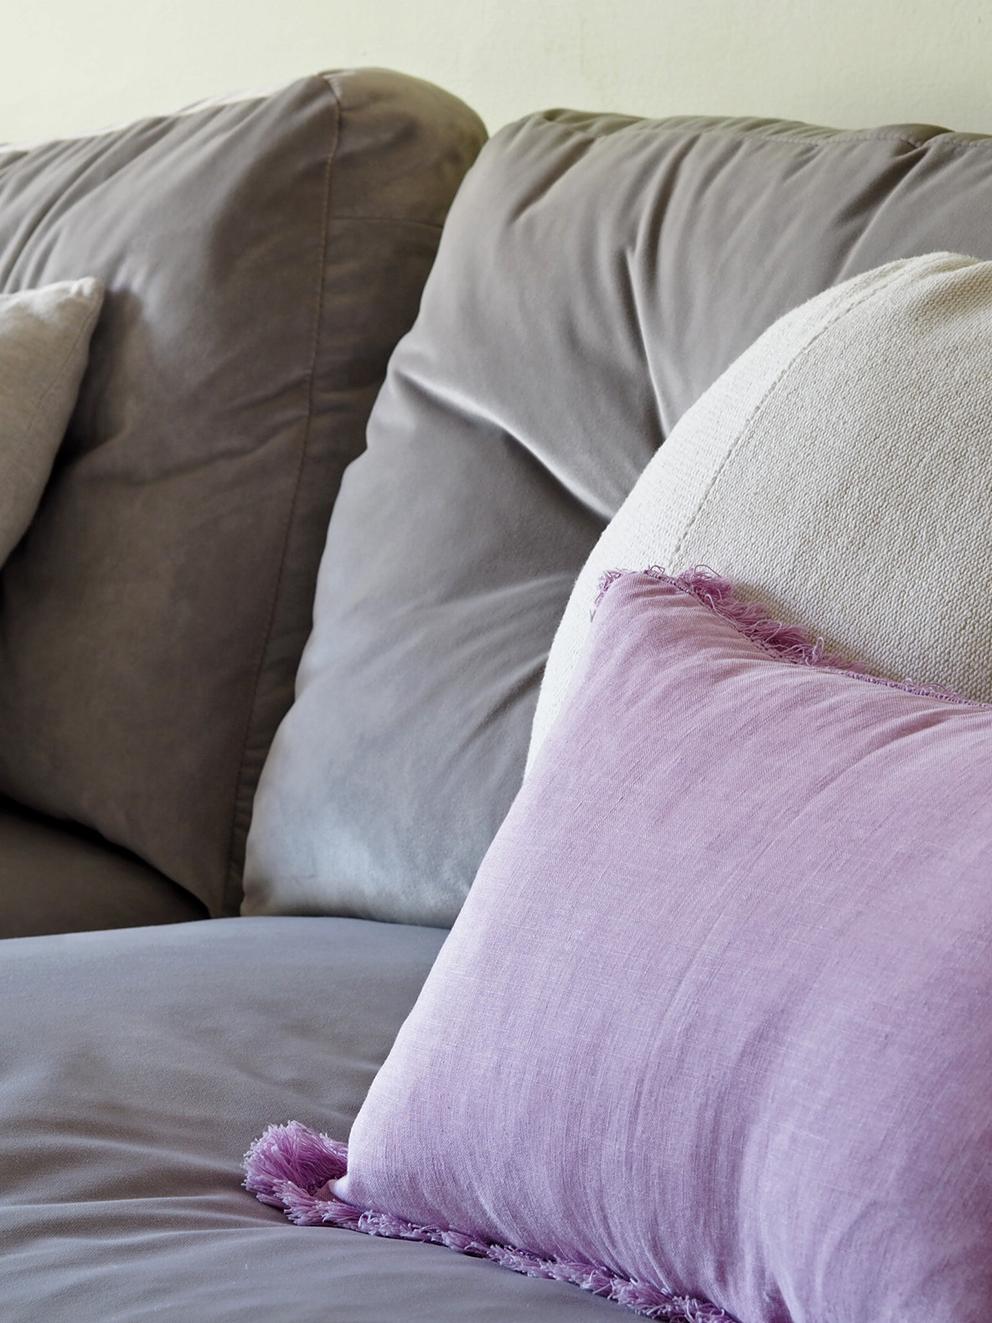 CushionDetail1LR.jpg